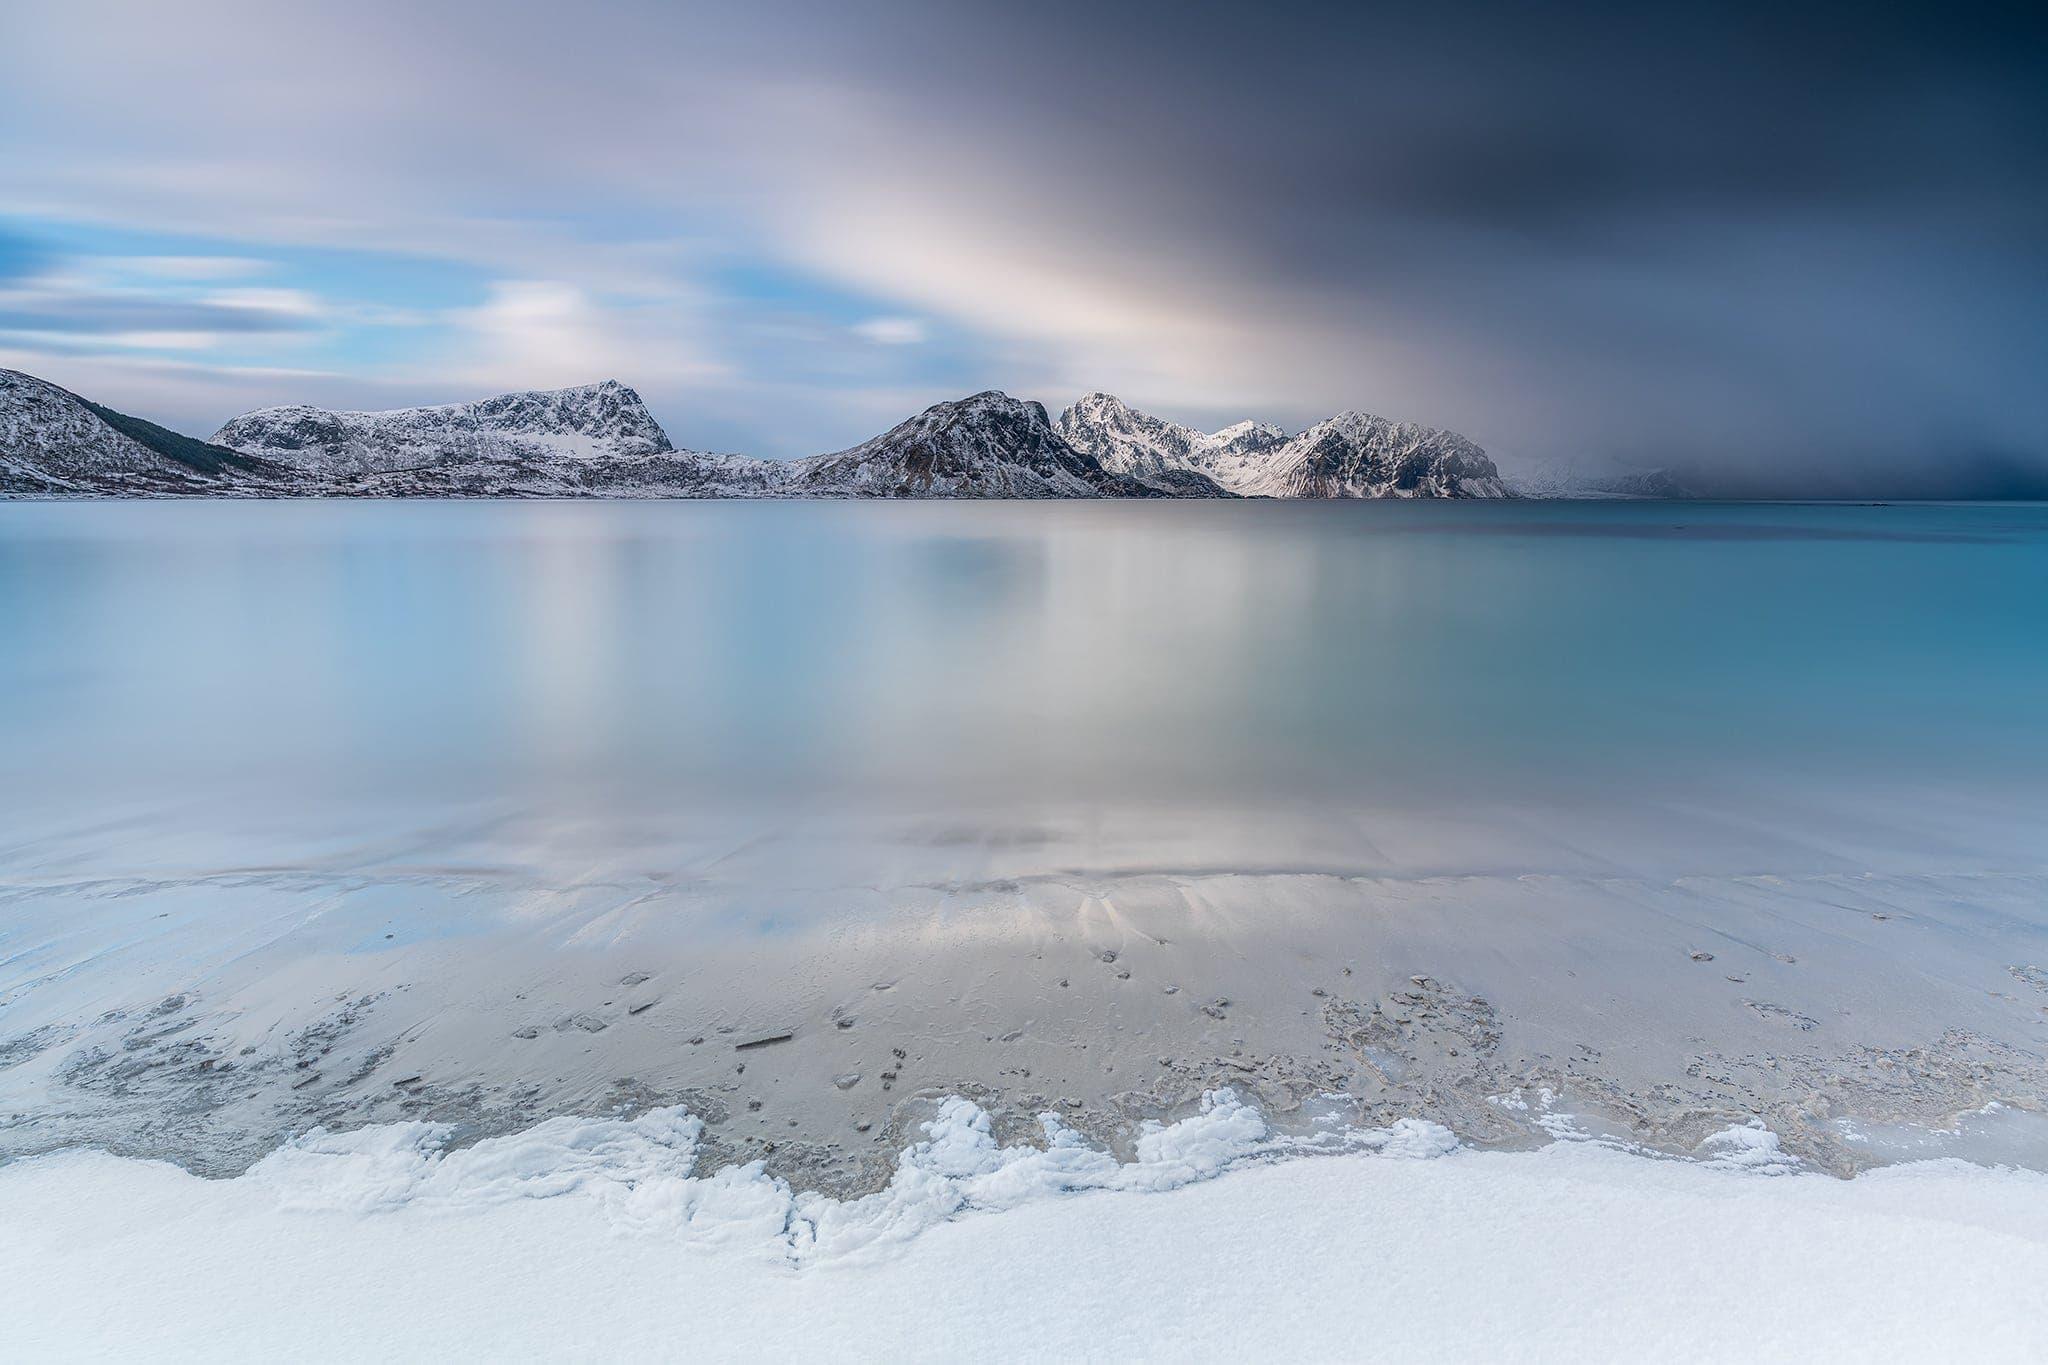 Consigli Come Scattare Fotografie Paesaggio in Inverno